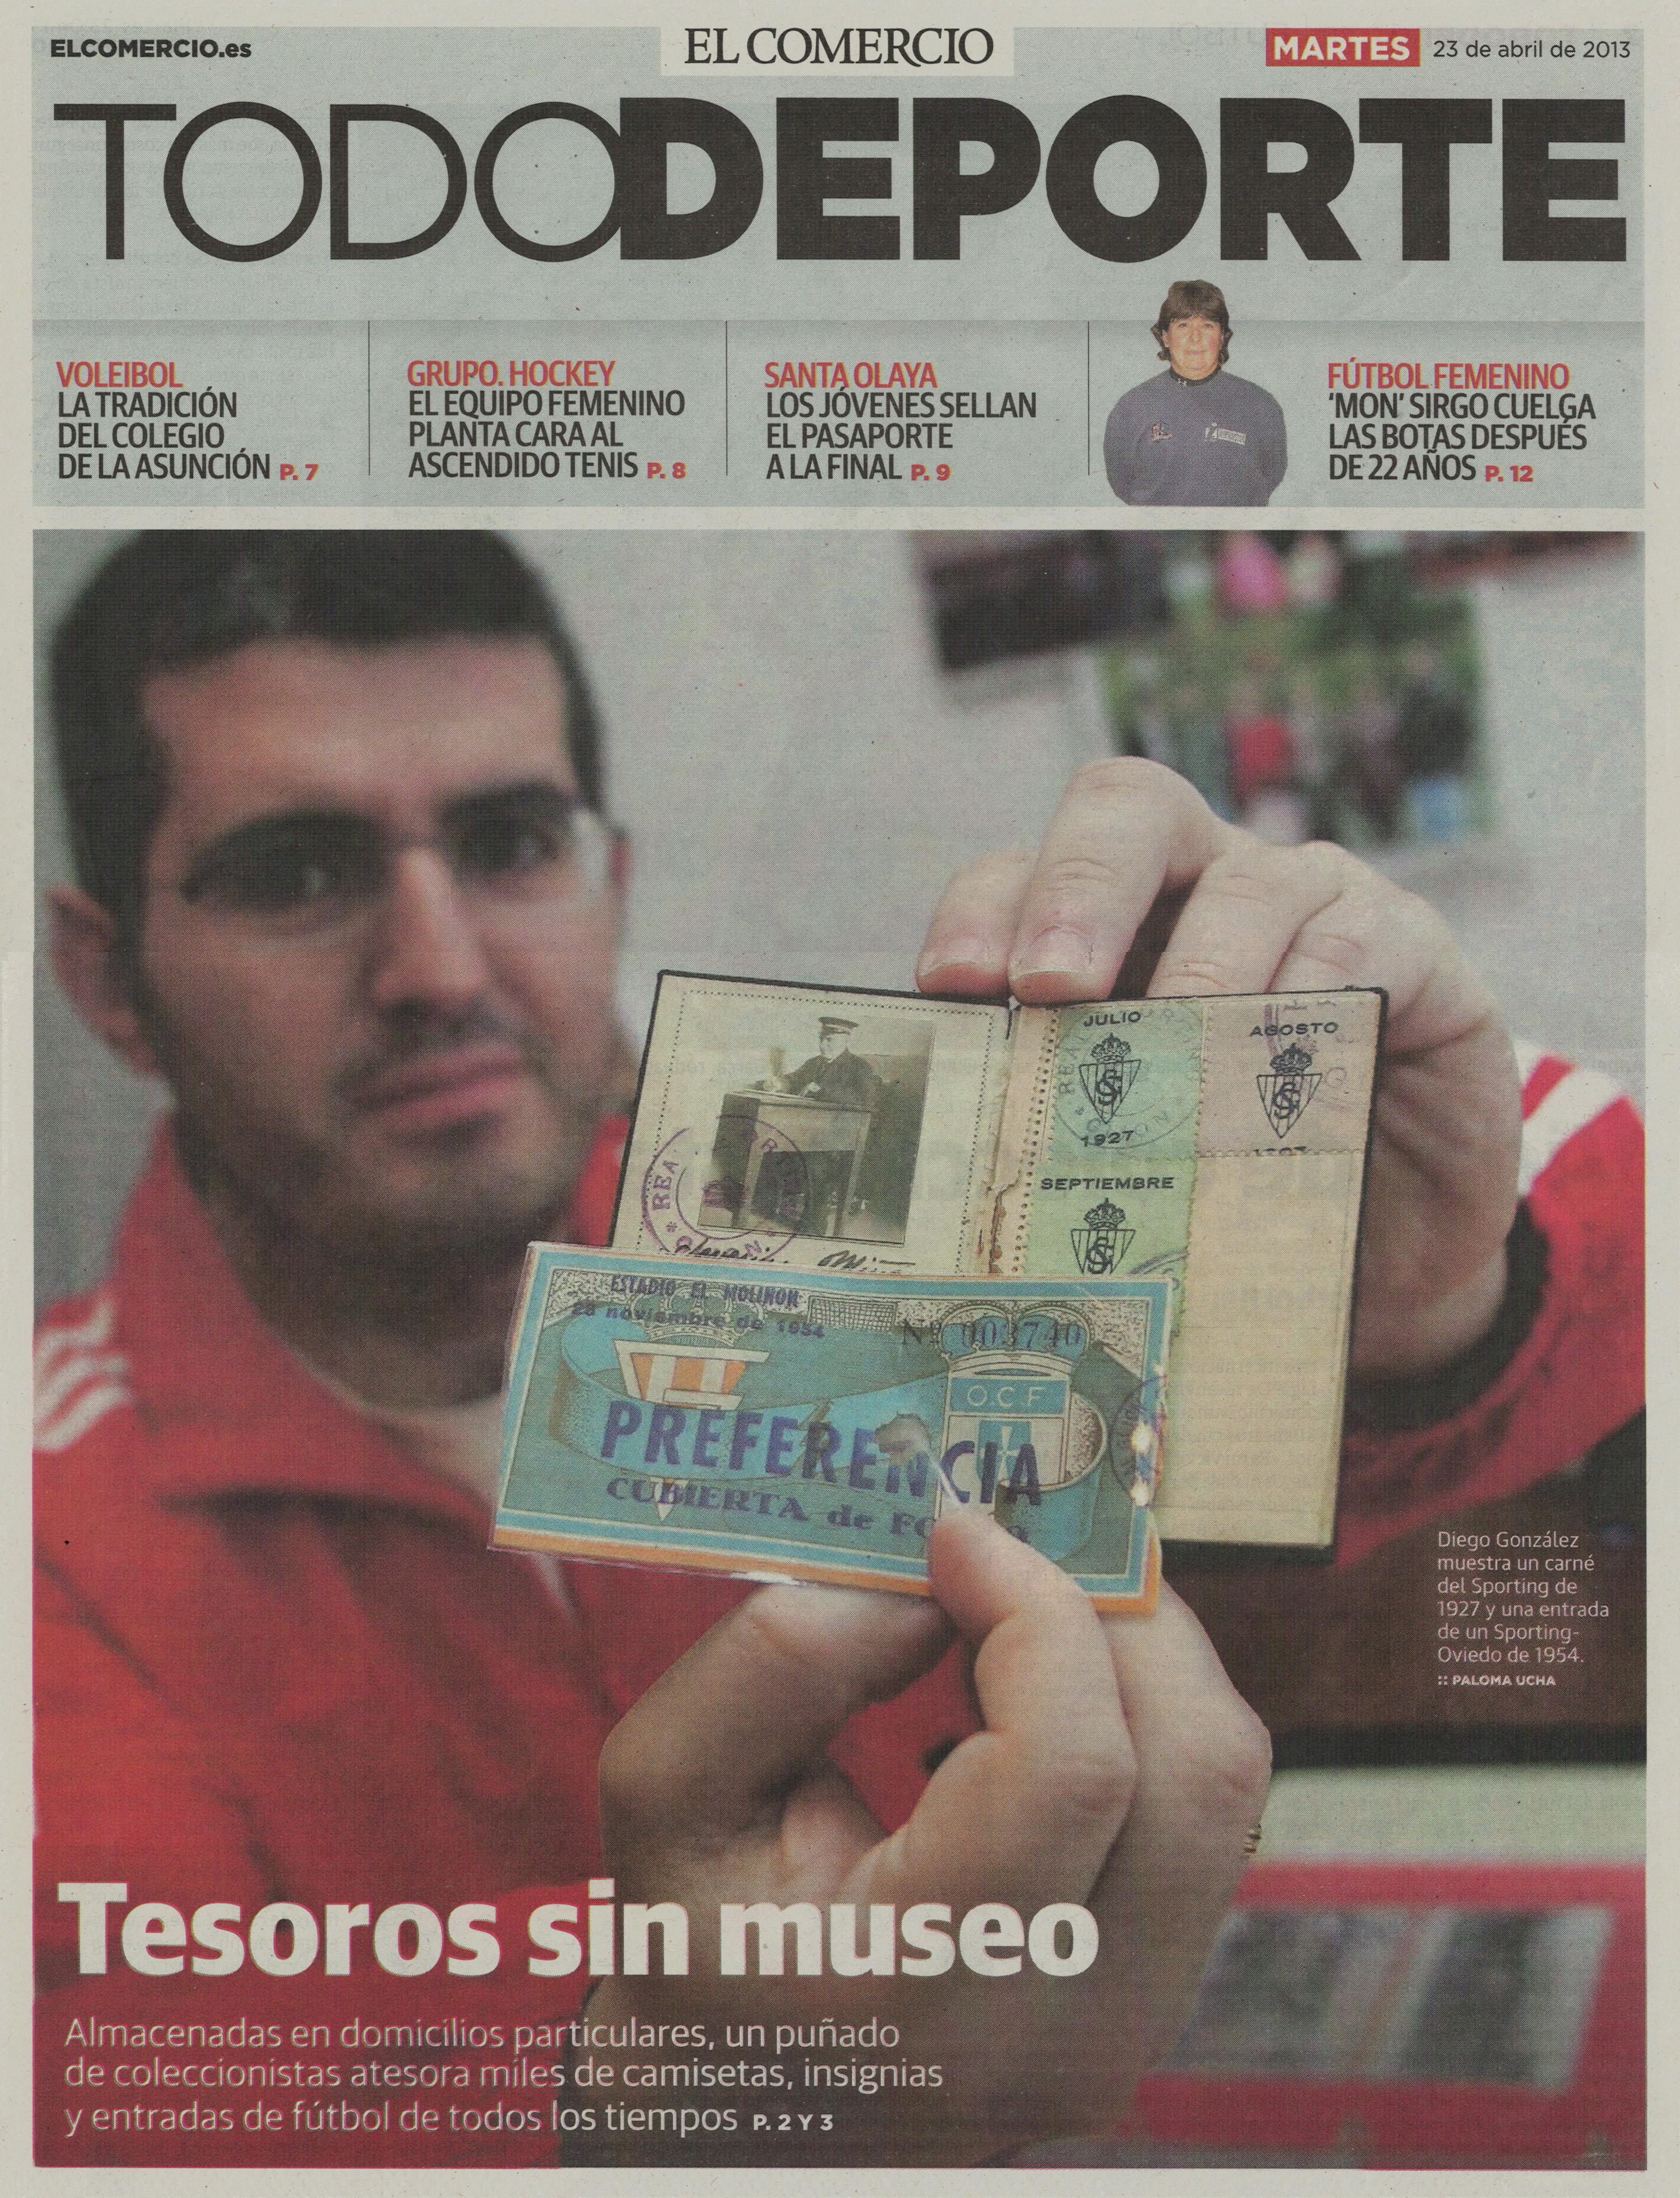 2013-04-23 Diario El Comercio 1